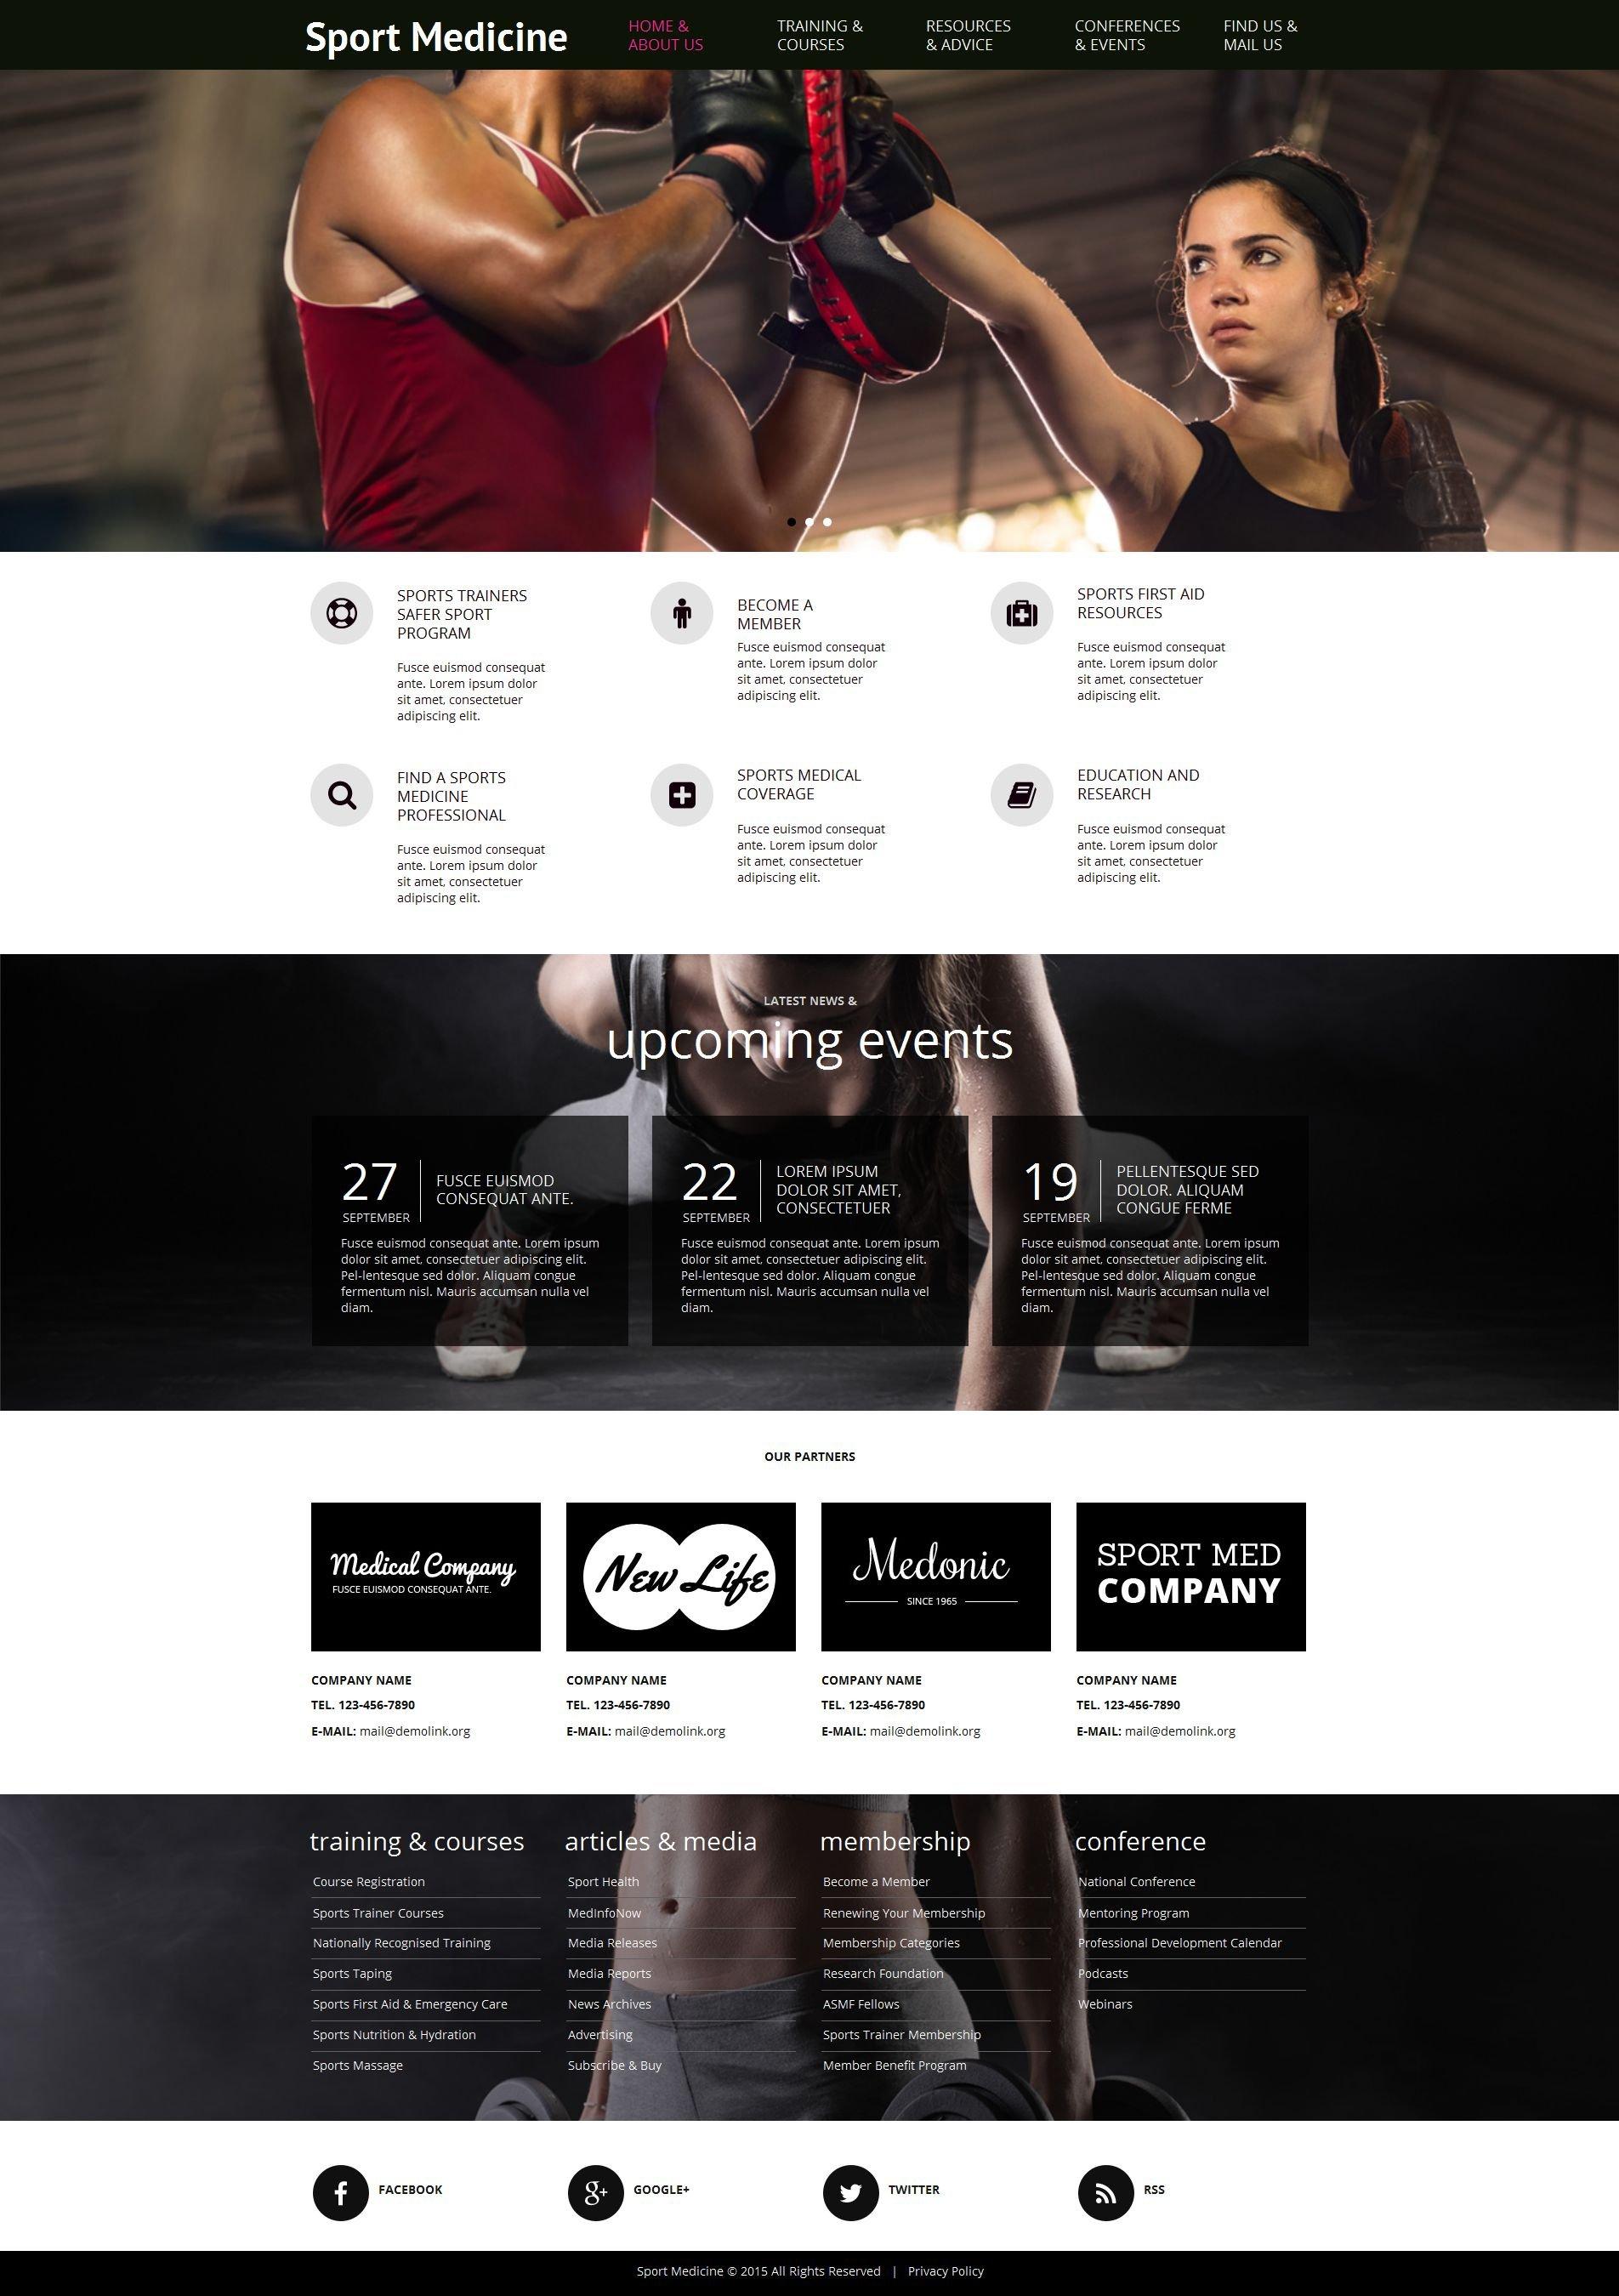 Modèle Moto CMS HTML Premium pour site de sport #55311 - screenshot